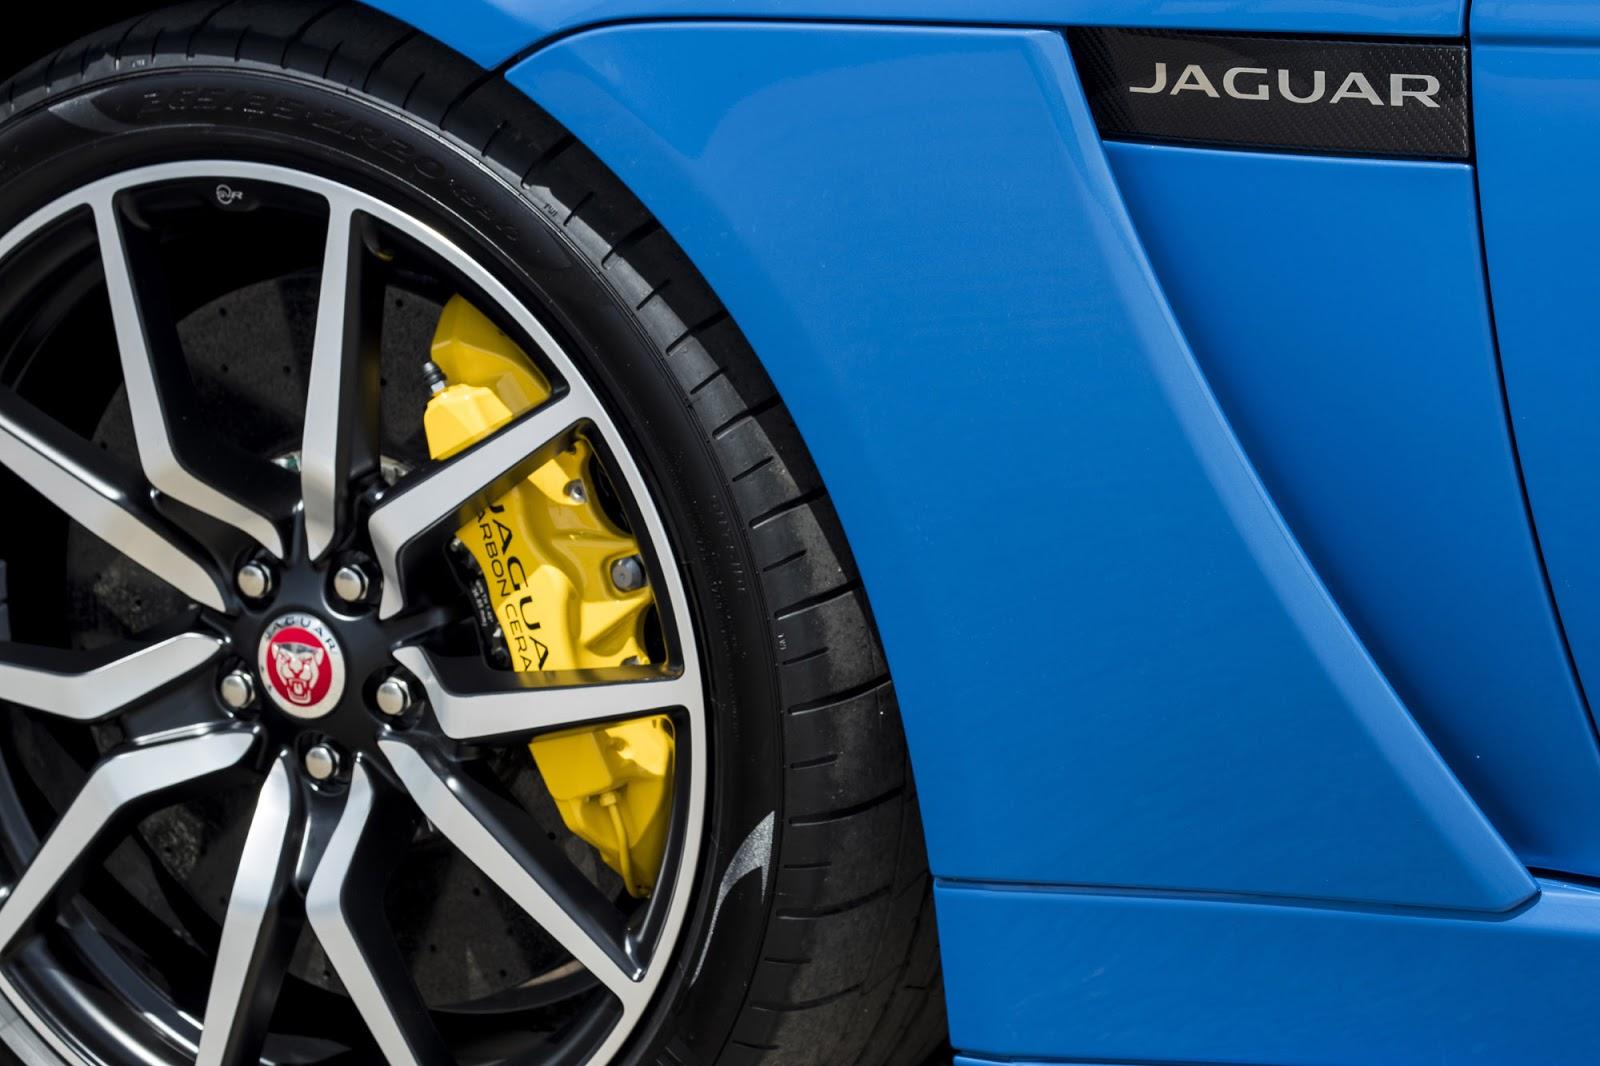 Phanh gốm carbon giúp xe an toàn và nhẹ hơn rất nhiều